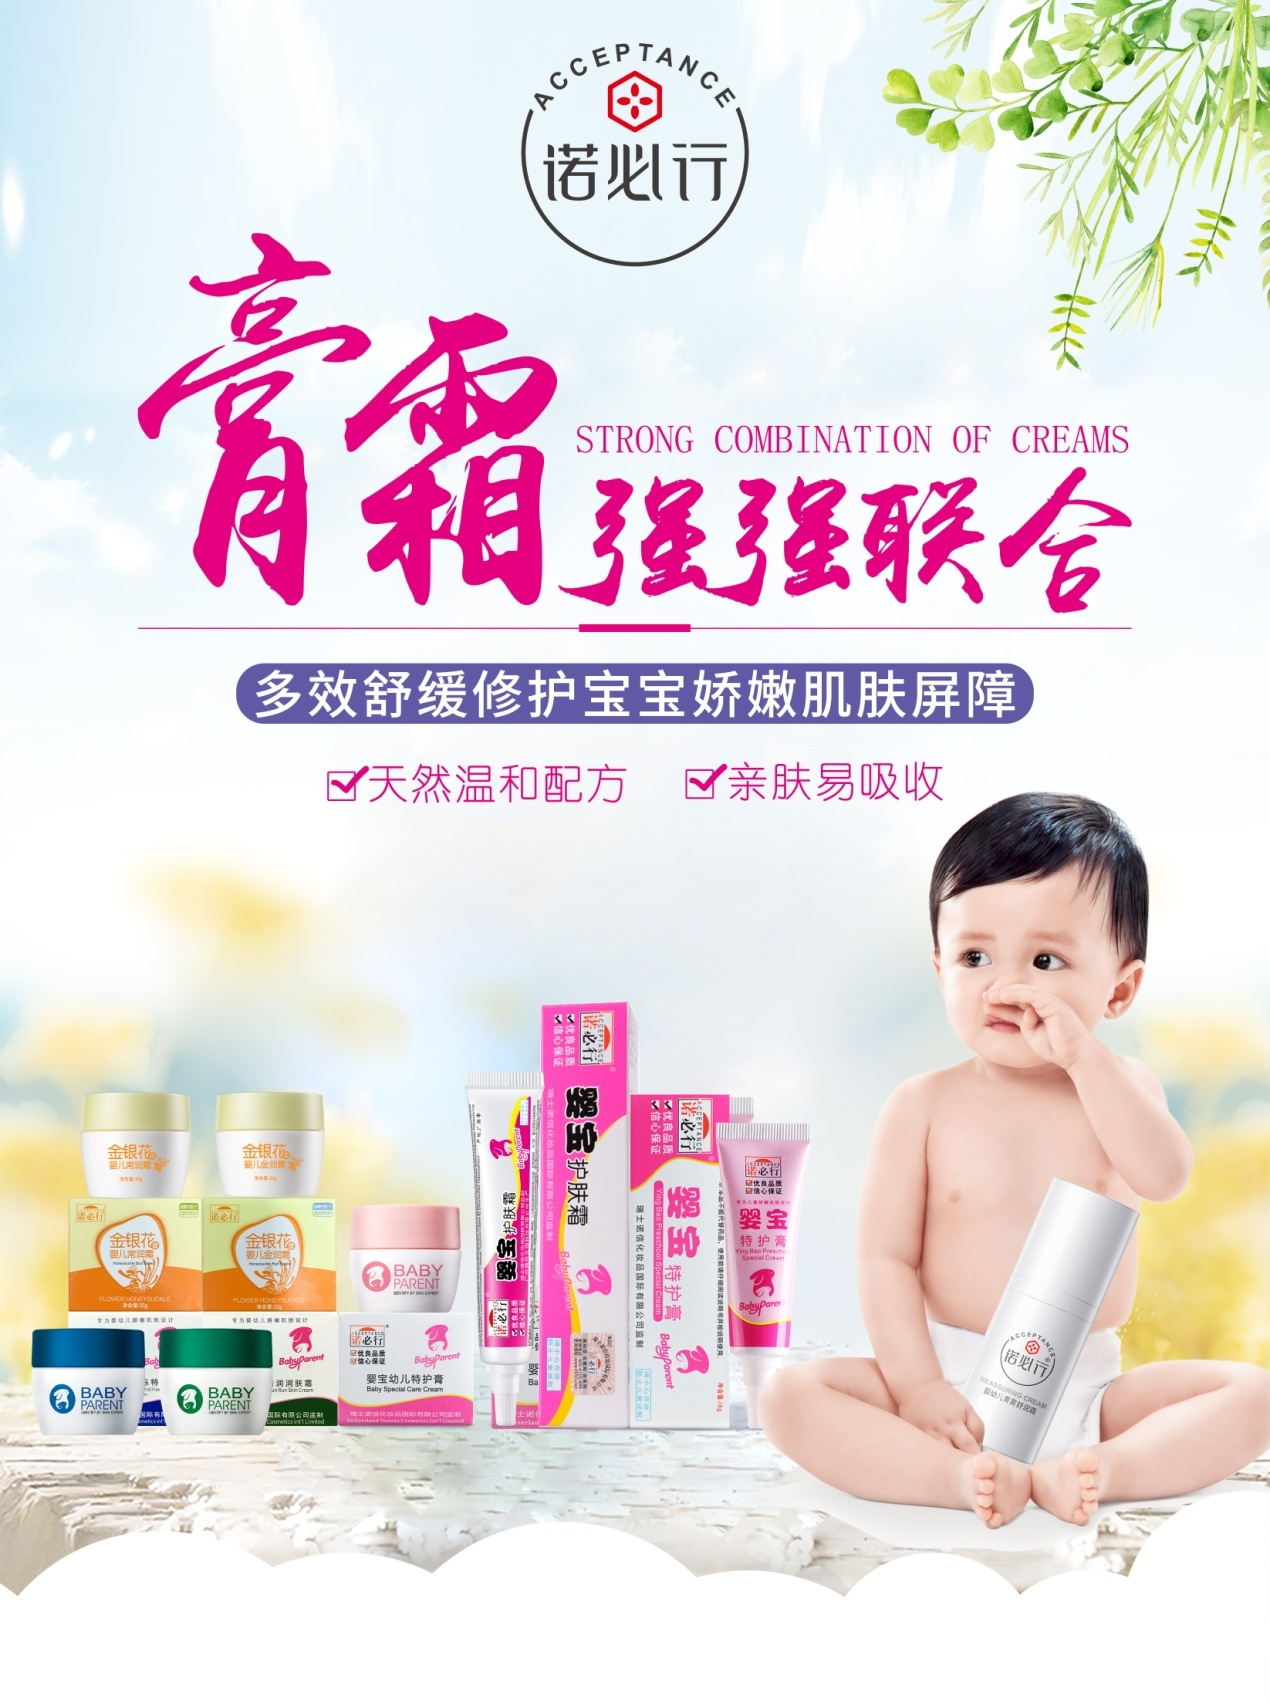 换季大作战  换季宝宝肌肤干燥怎么办?